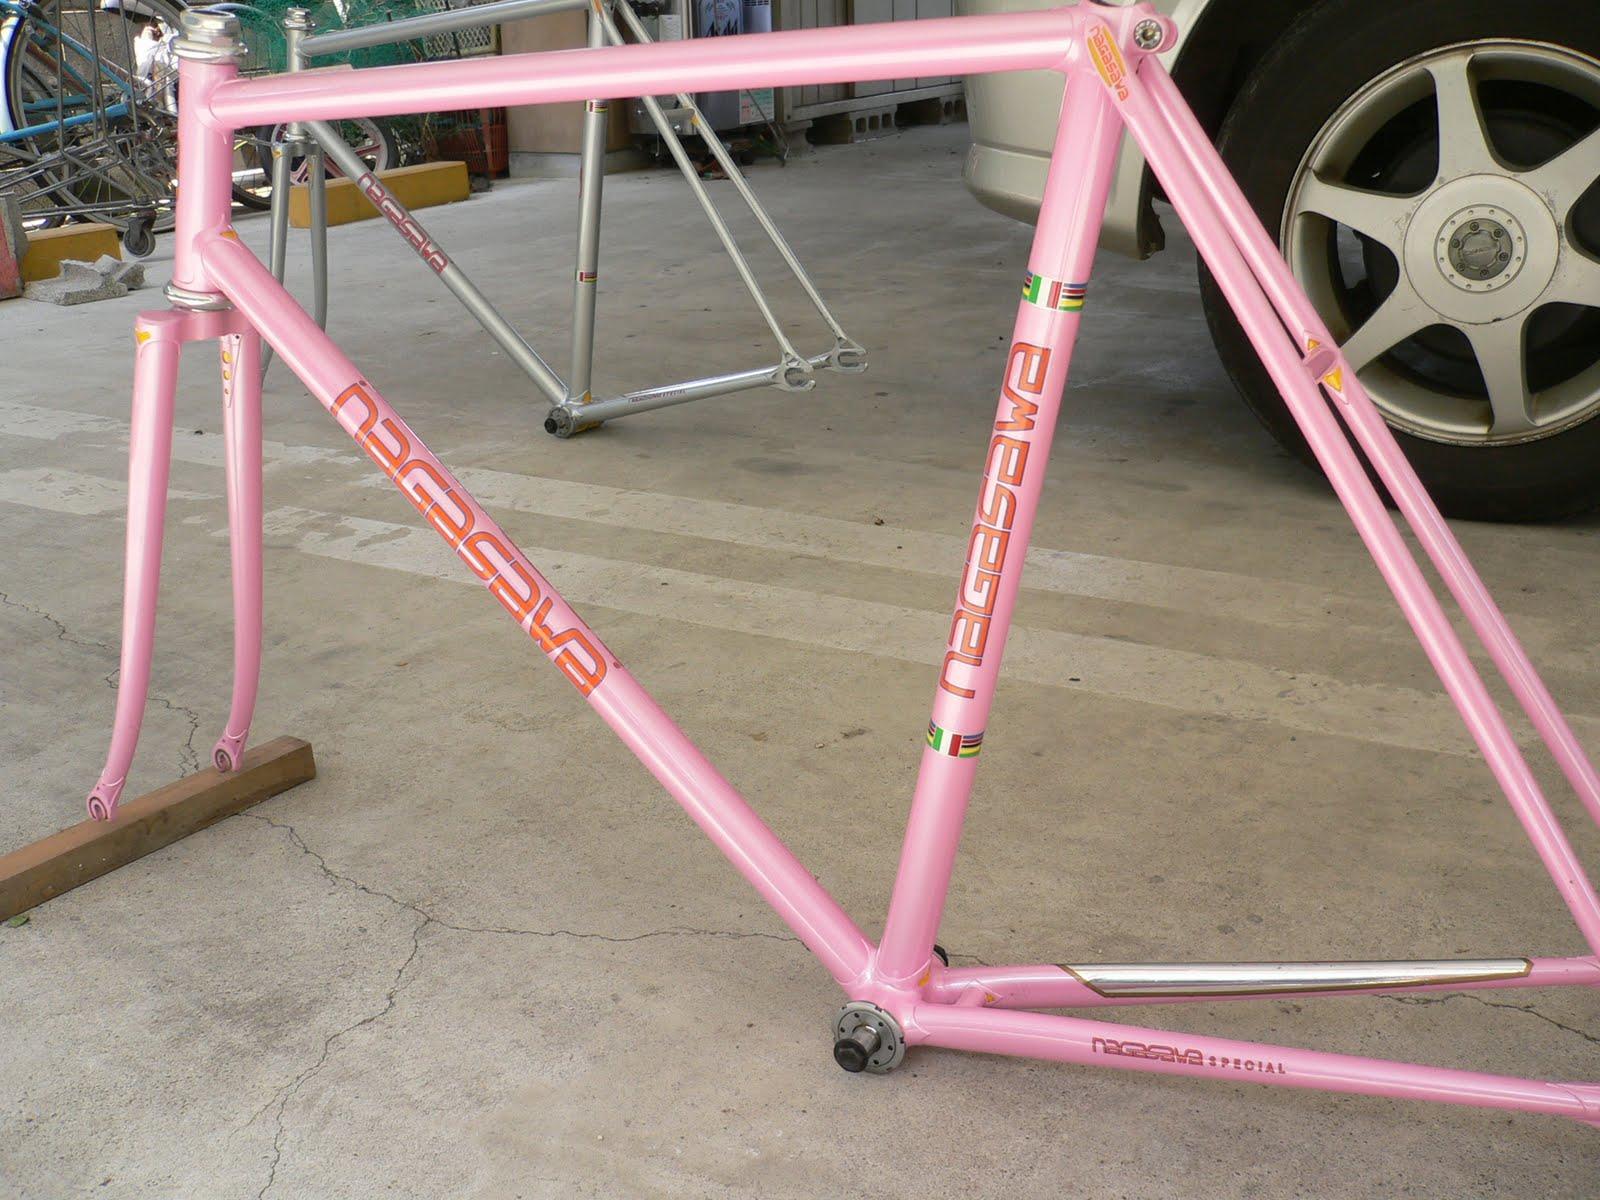 njs keirin track bike &frame for sell: NAGASAWA njs frame set